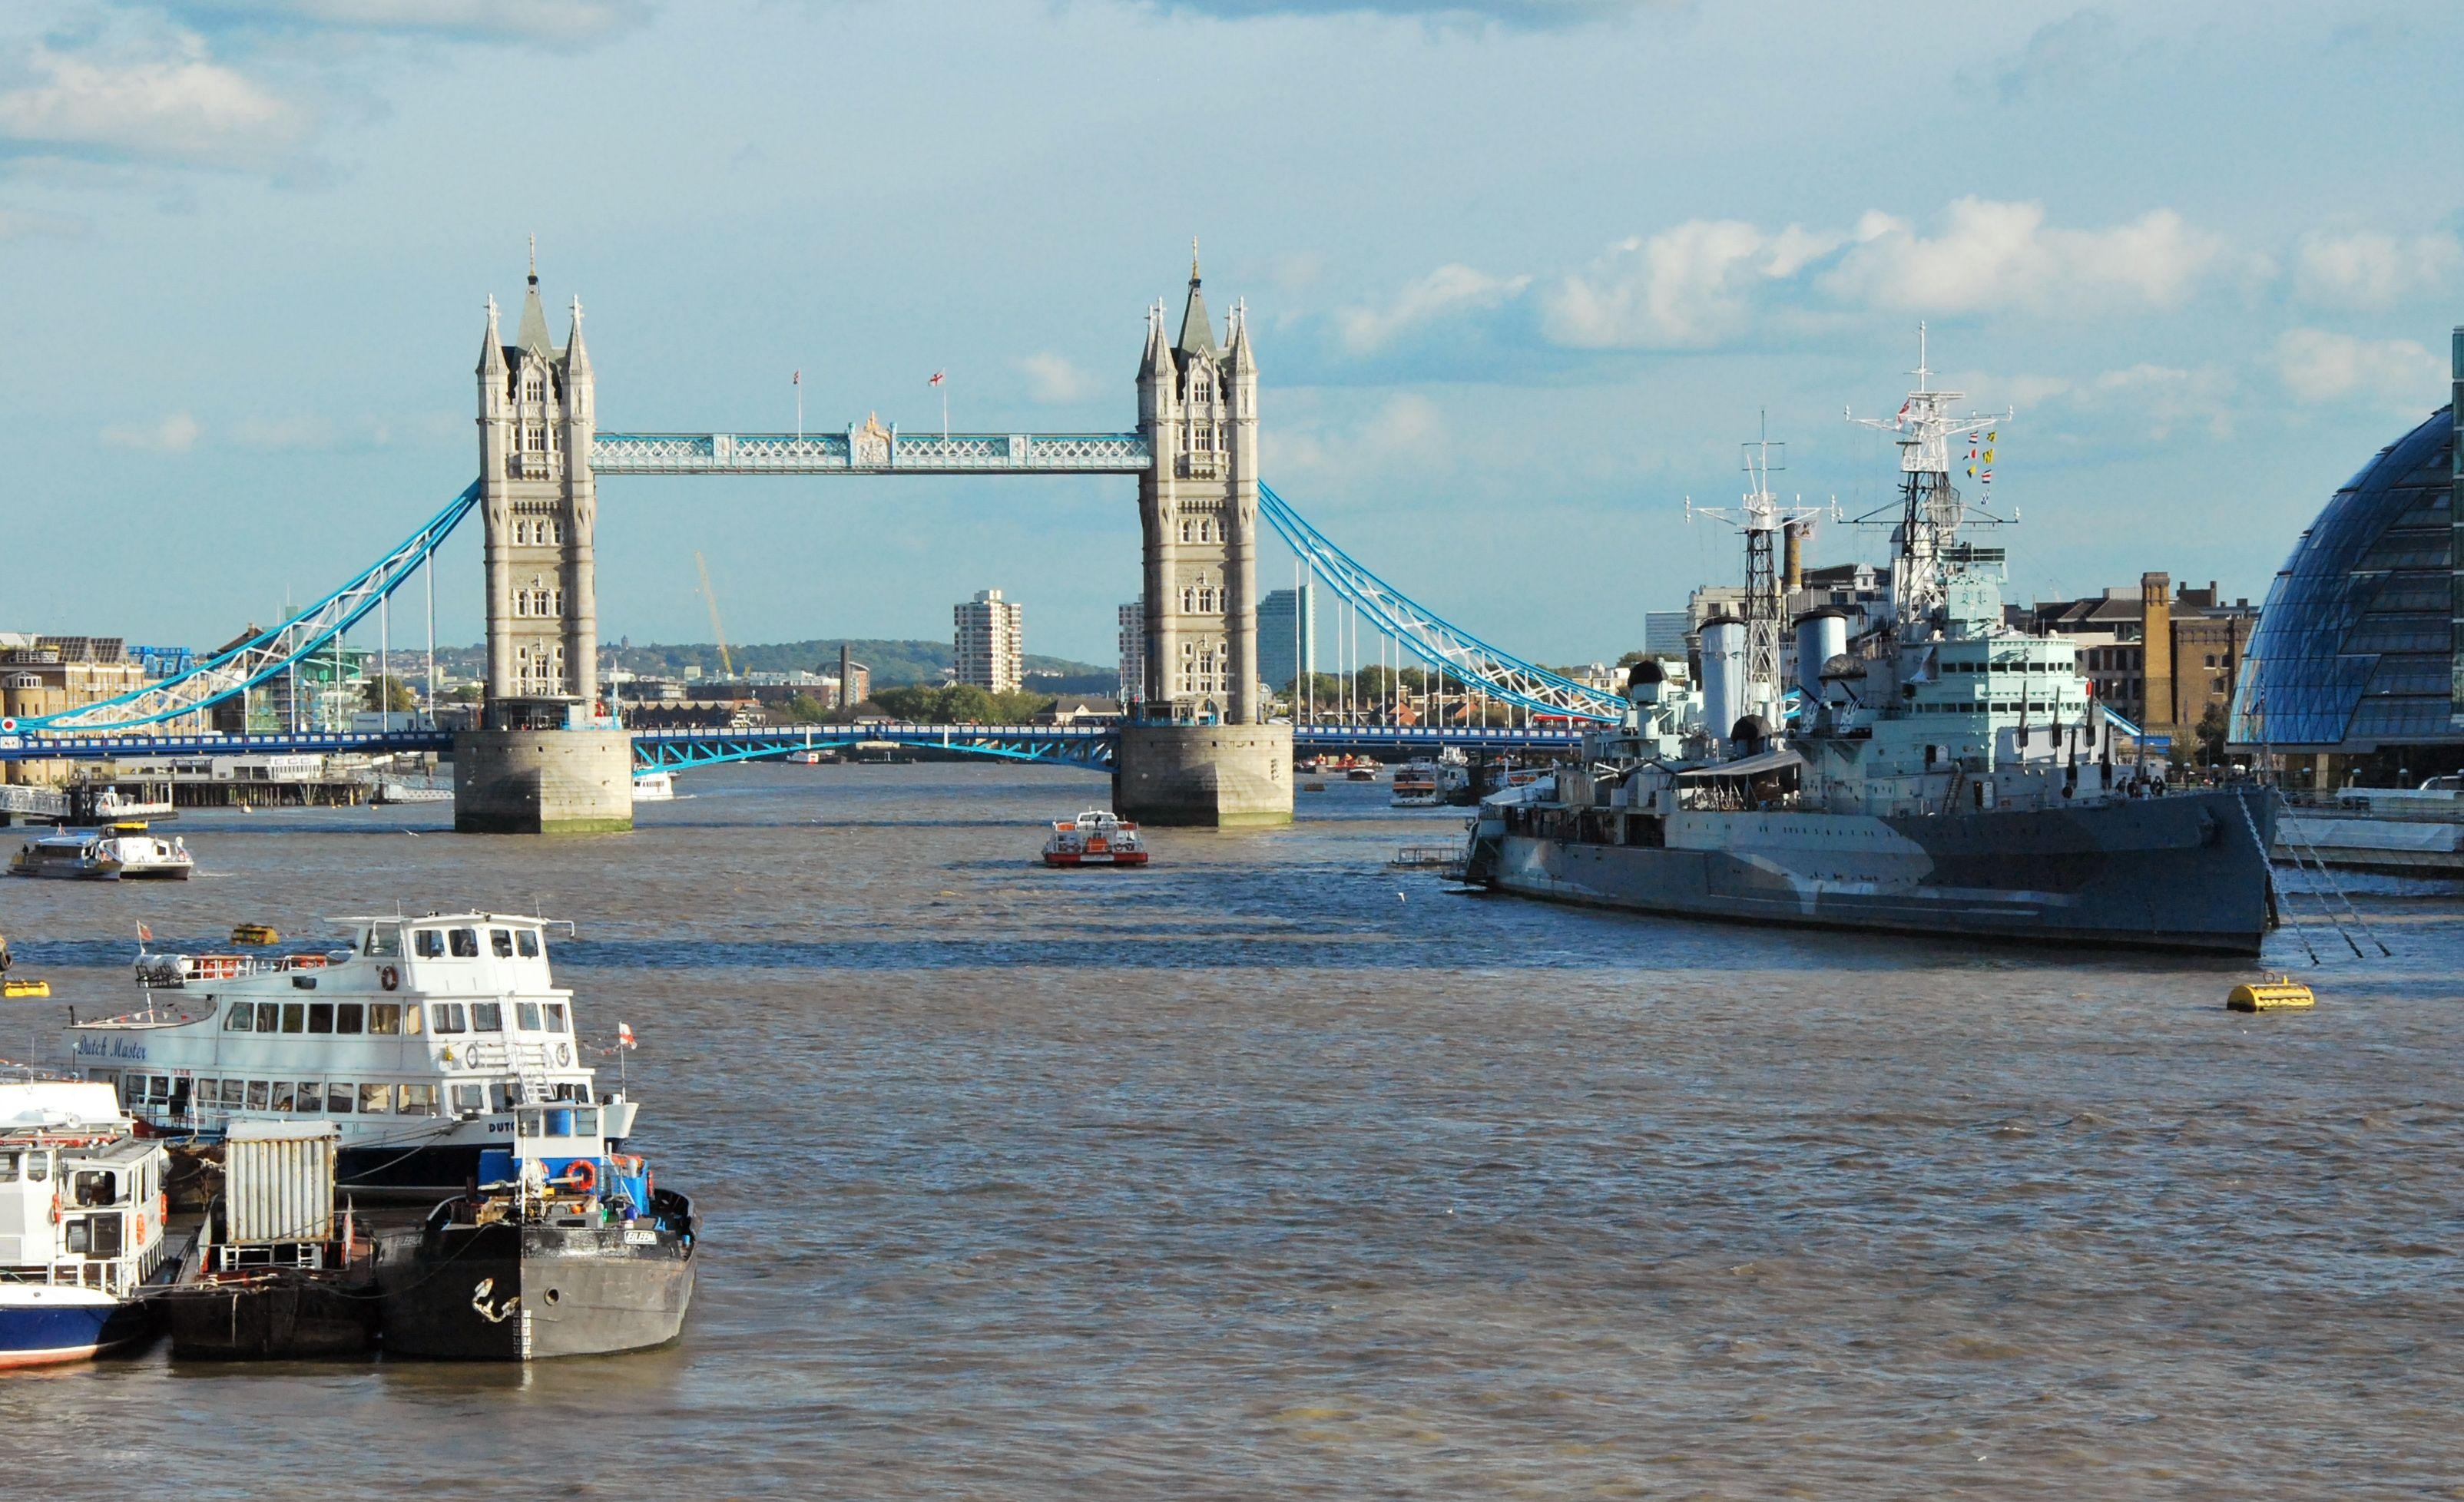 Londone į butus investavę lietuviai: per 2 metus situacija stabilizuosis